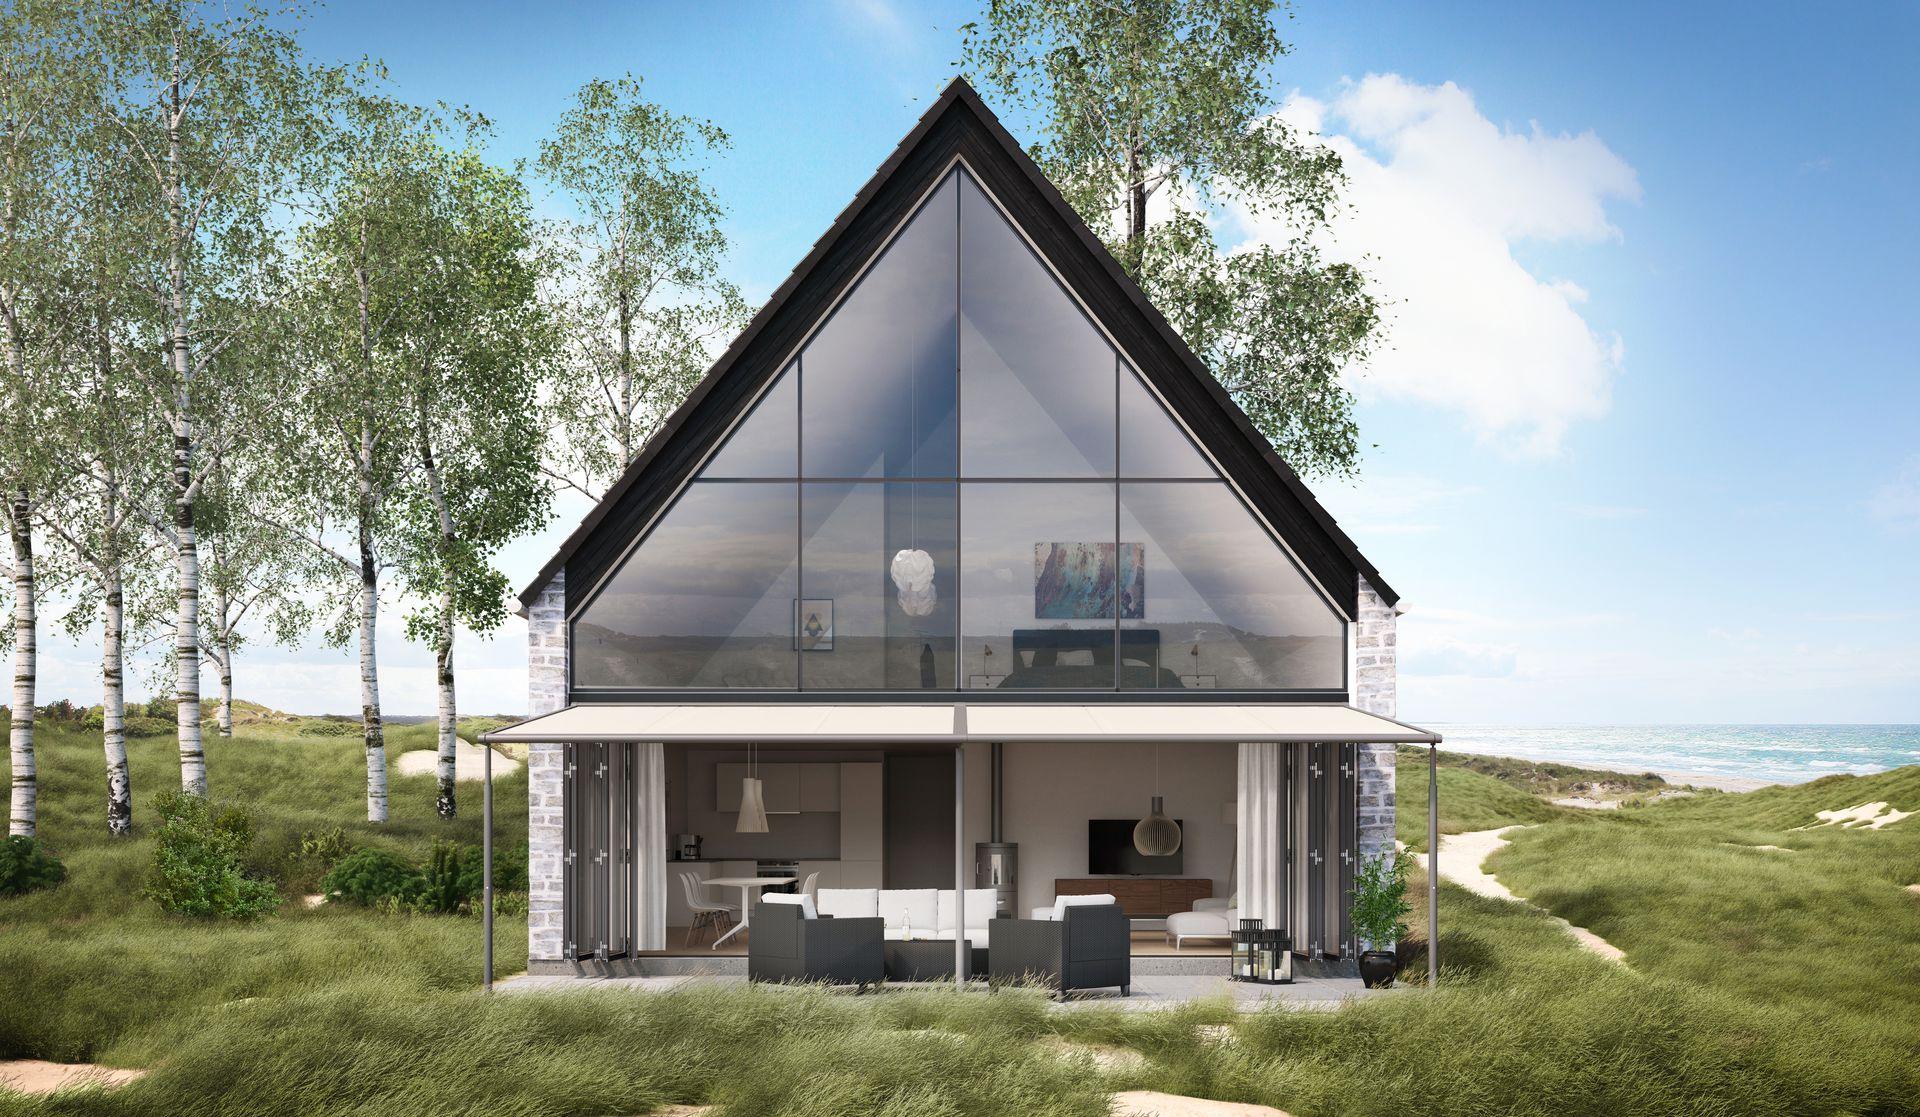 101783_pergola Strandhaus Detail gekoppelte Markise Front-201810.tif_large.jpg